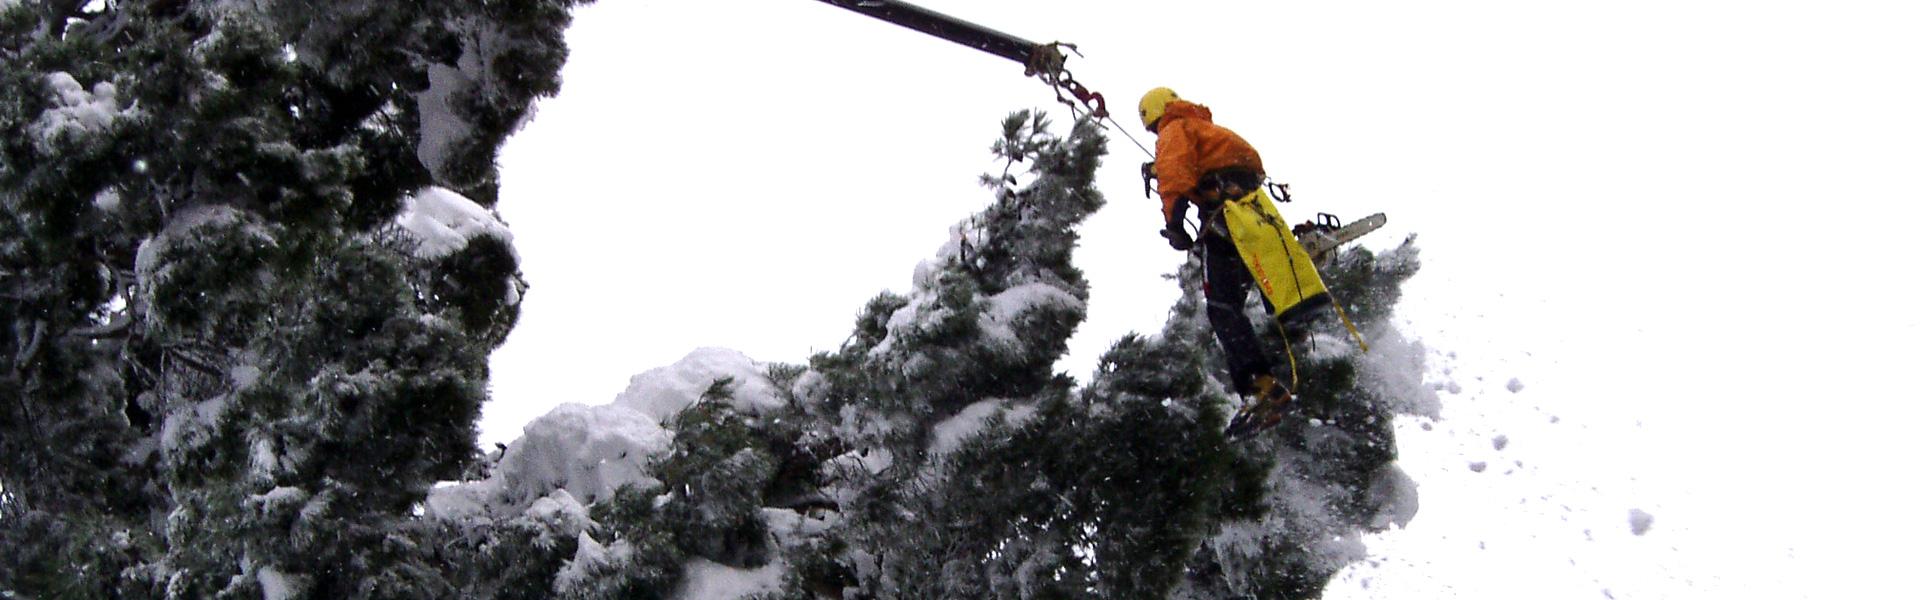 Un addetto al lavoro in quota su piattaforma intento nella rimozione di cumuli di neve su un albero ad alto fusto